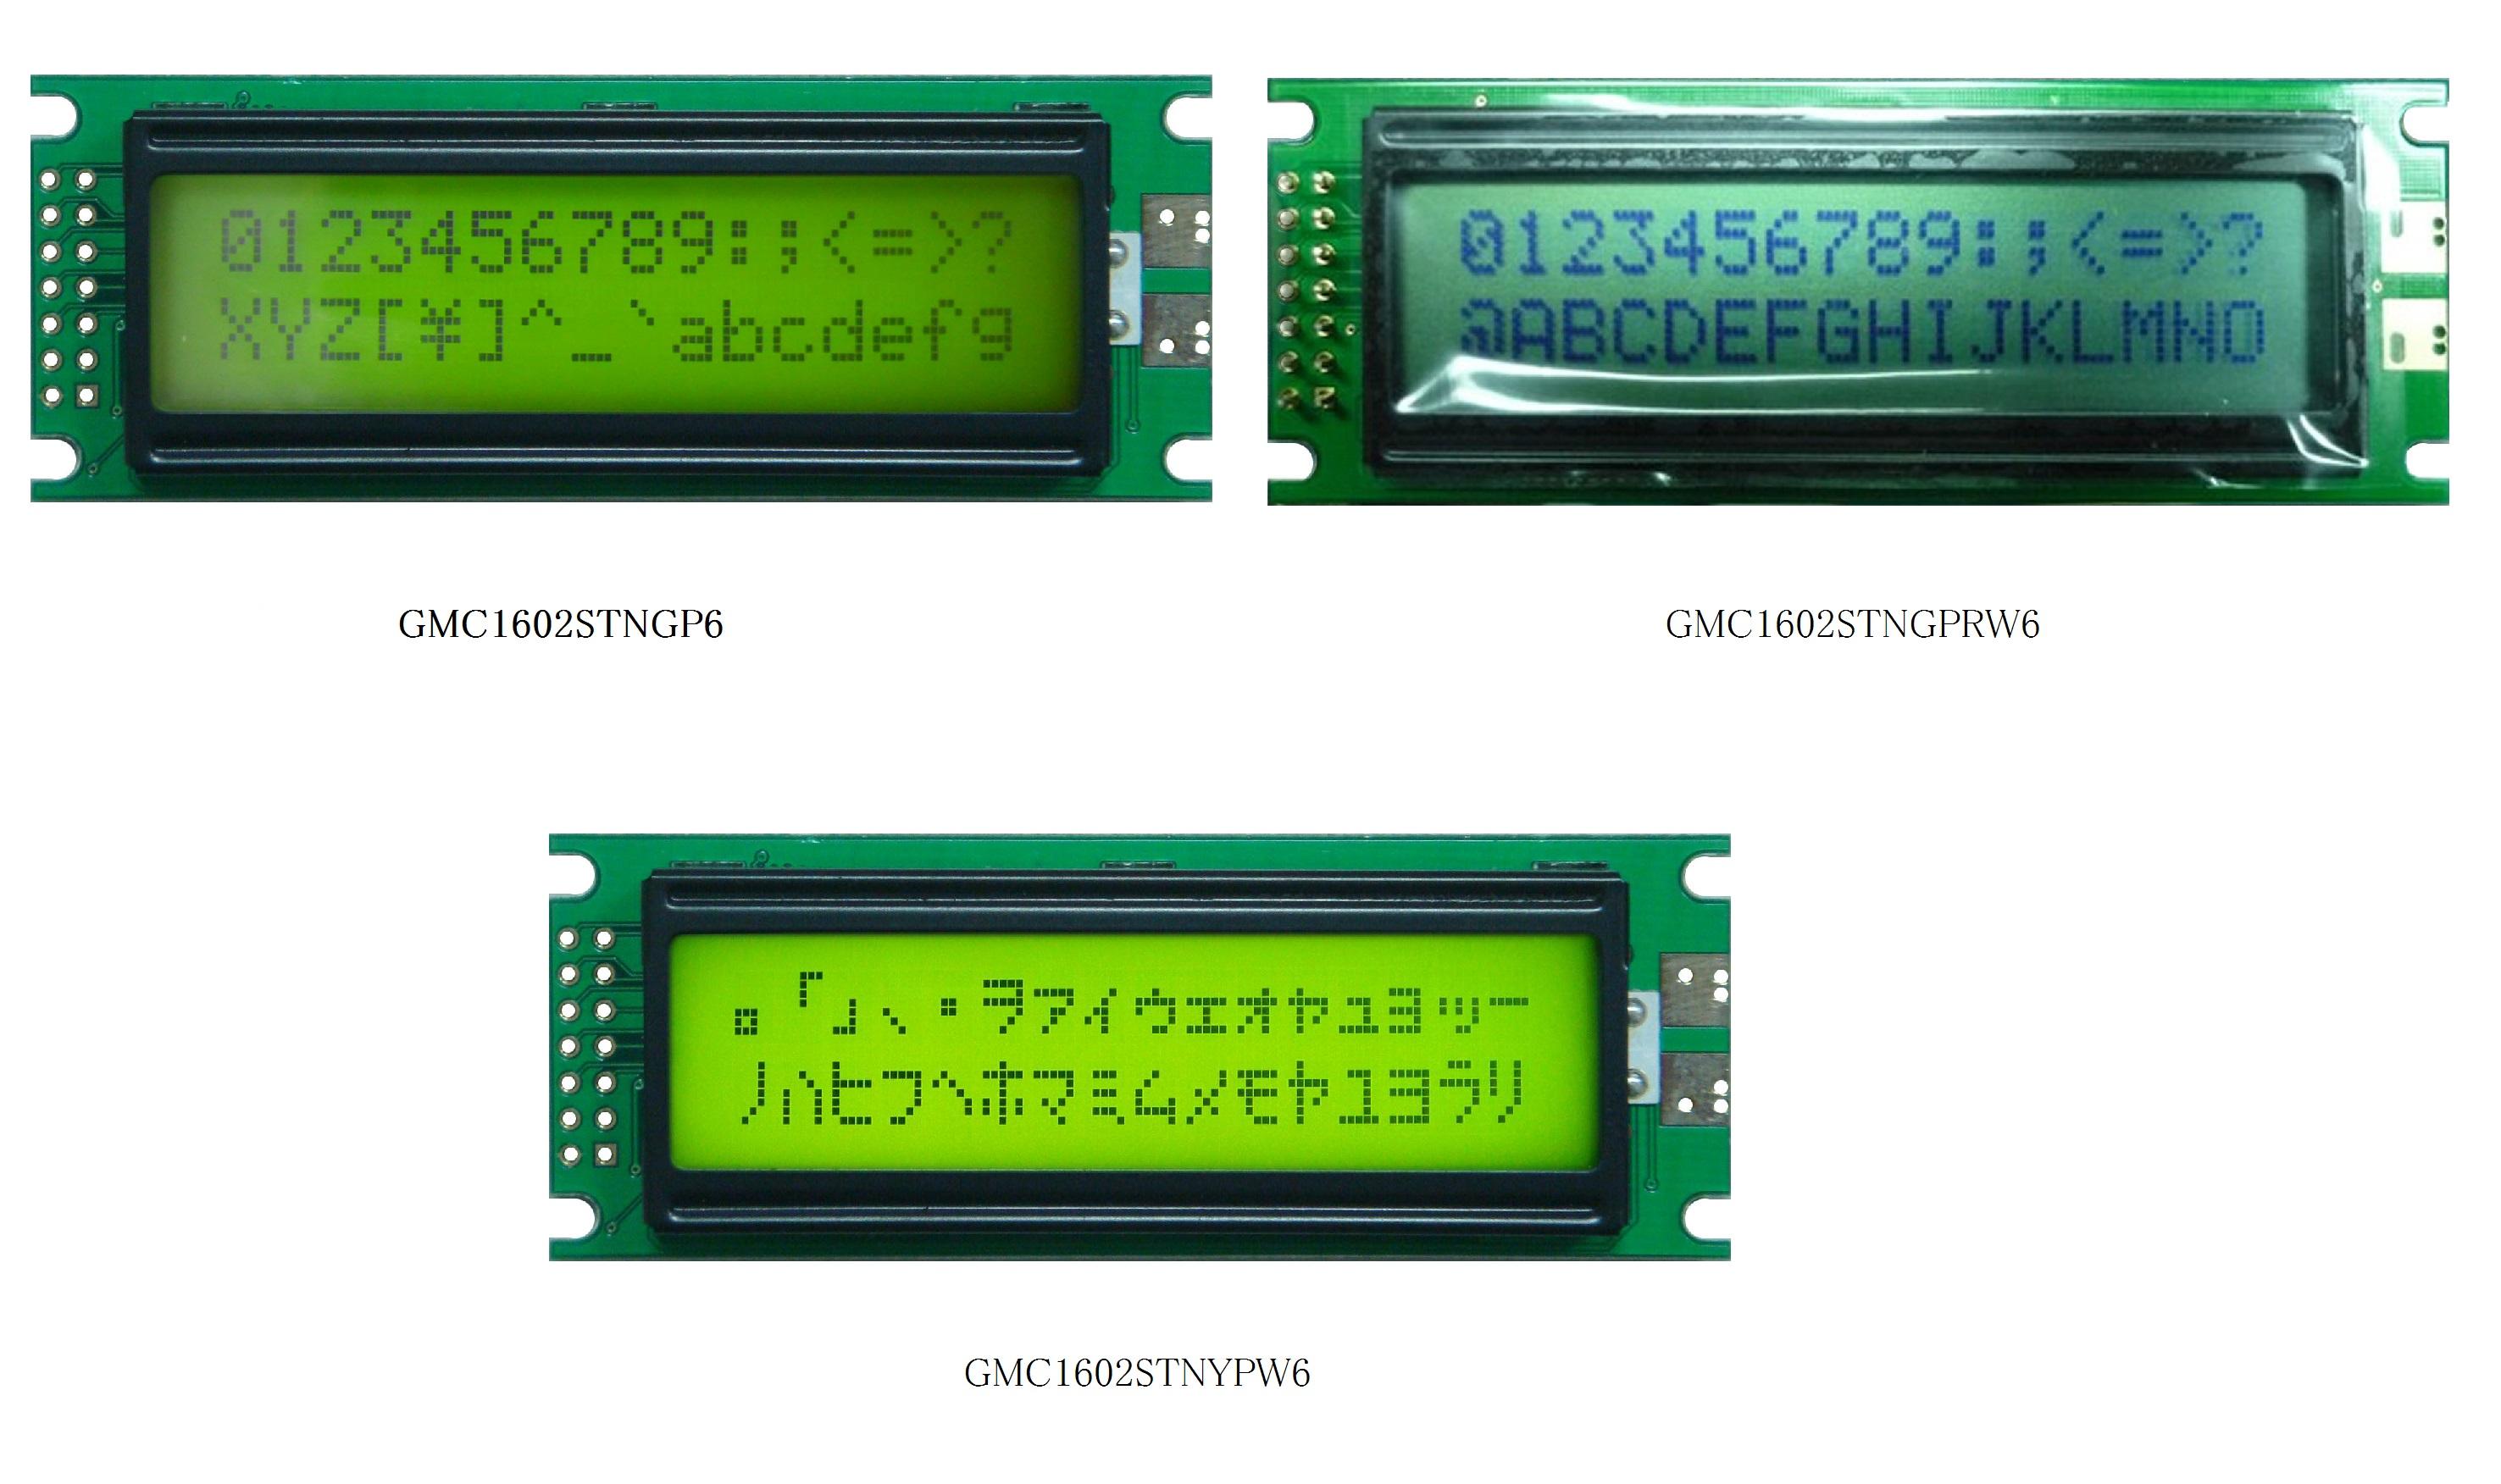 GMC1602